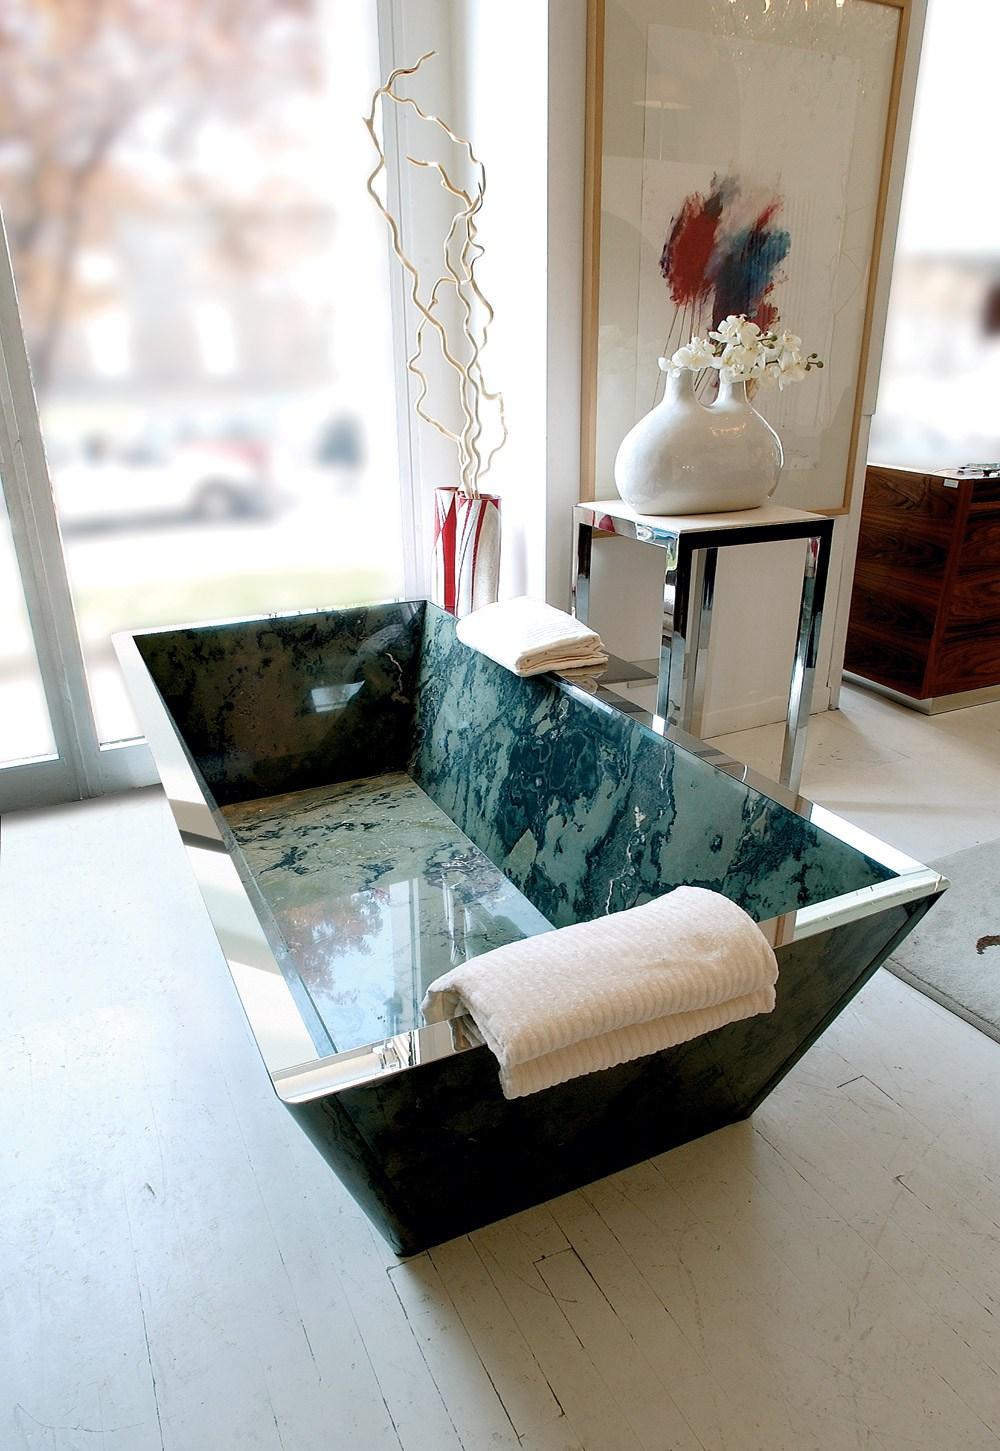 Прямоугольная ванна – оптимальный выбор для ванной комнаты (25 фото)